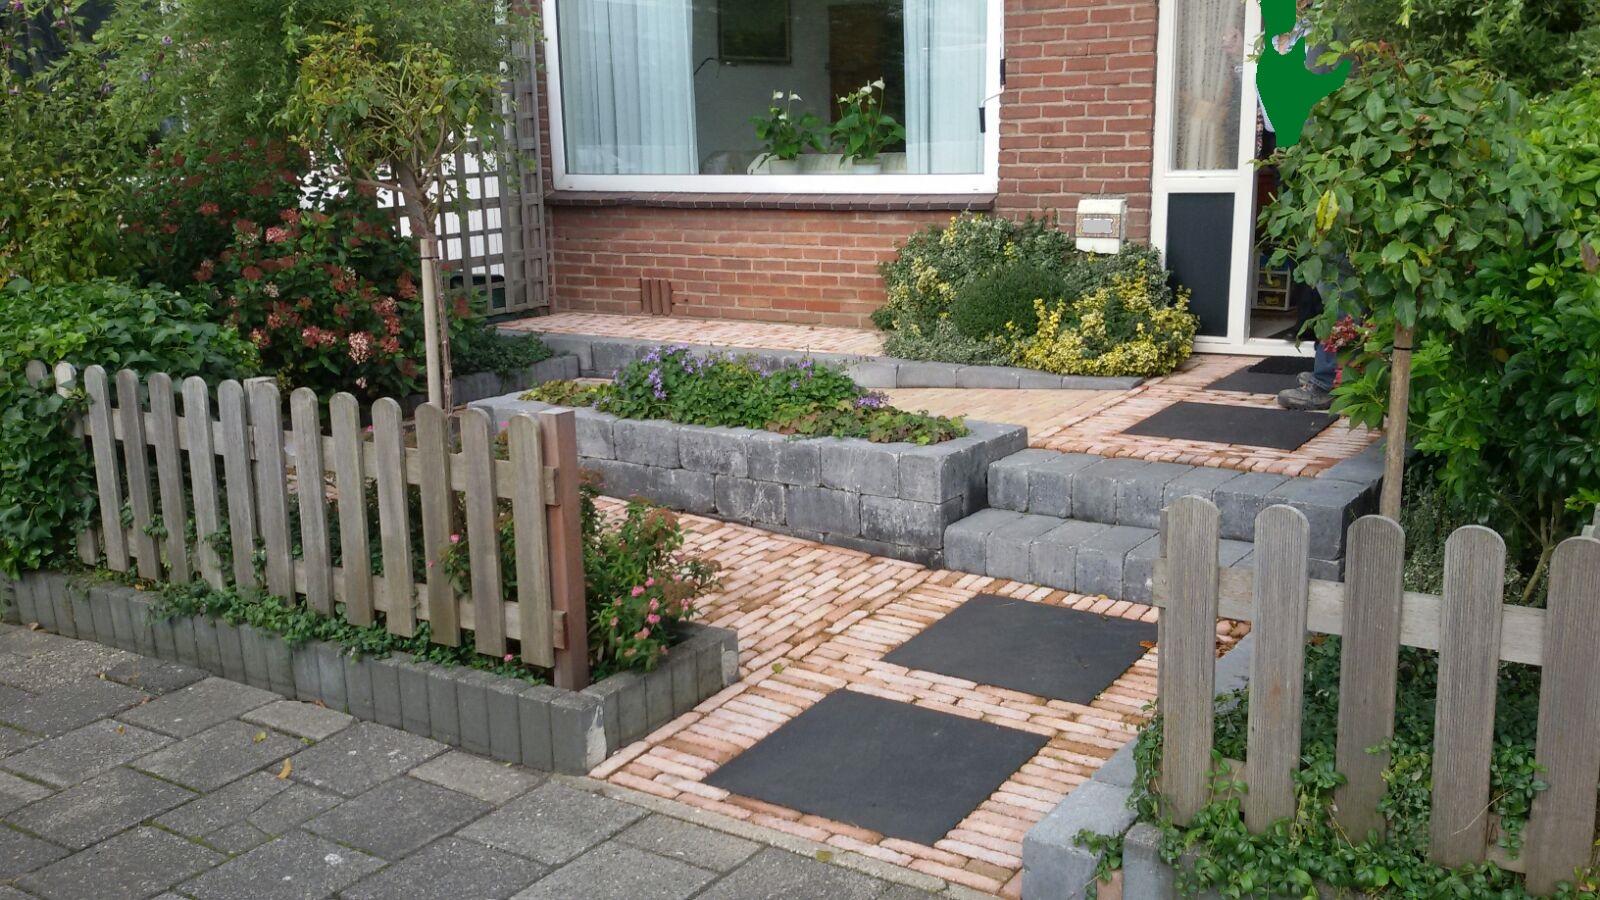 Rolstoelvriendelijk papendrecht van der molen for Bestrating kleine tuin